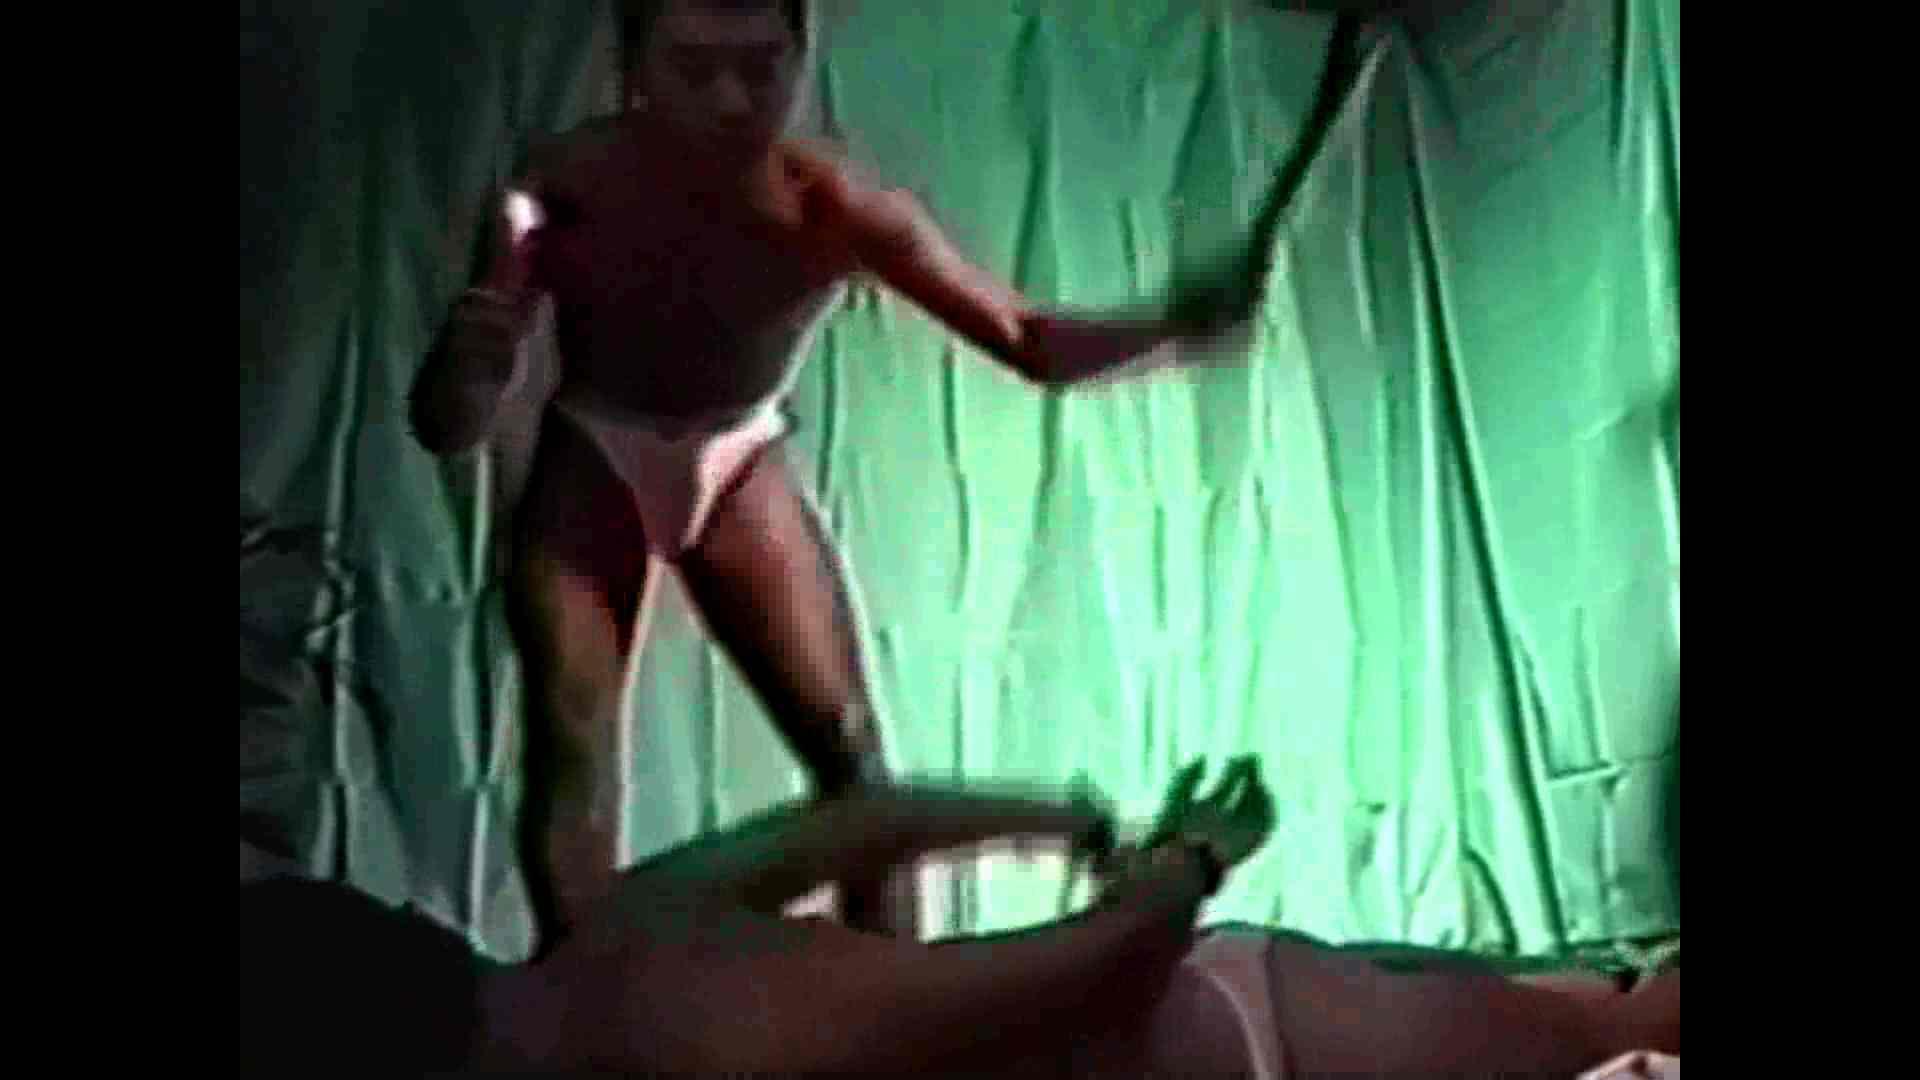 往年の名作 ヤングマン Vol.04 アナル舐め   大人の玩具 ゲイ肛門画像 13連発 7